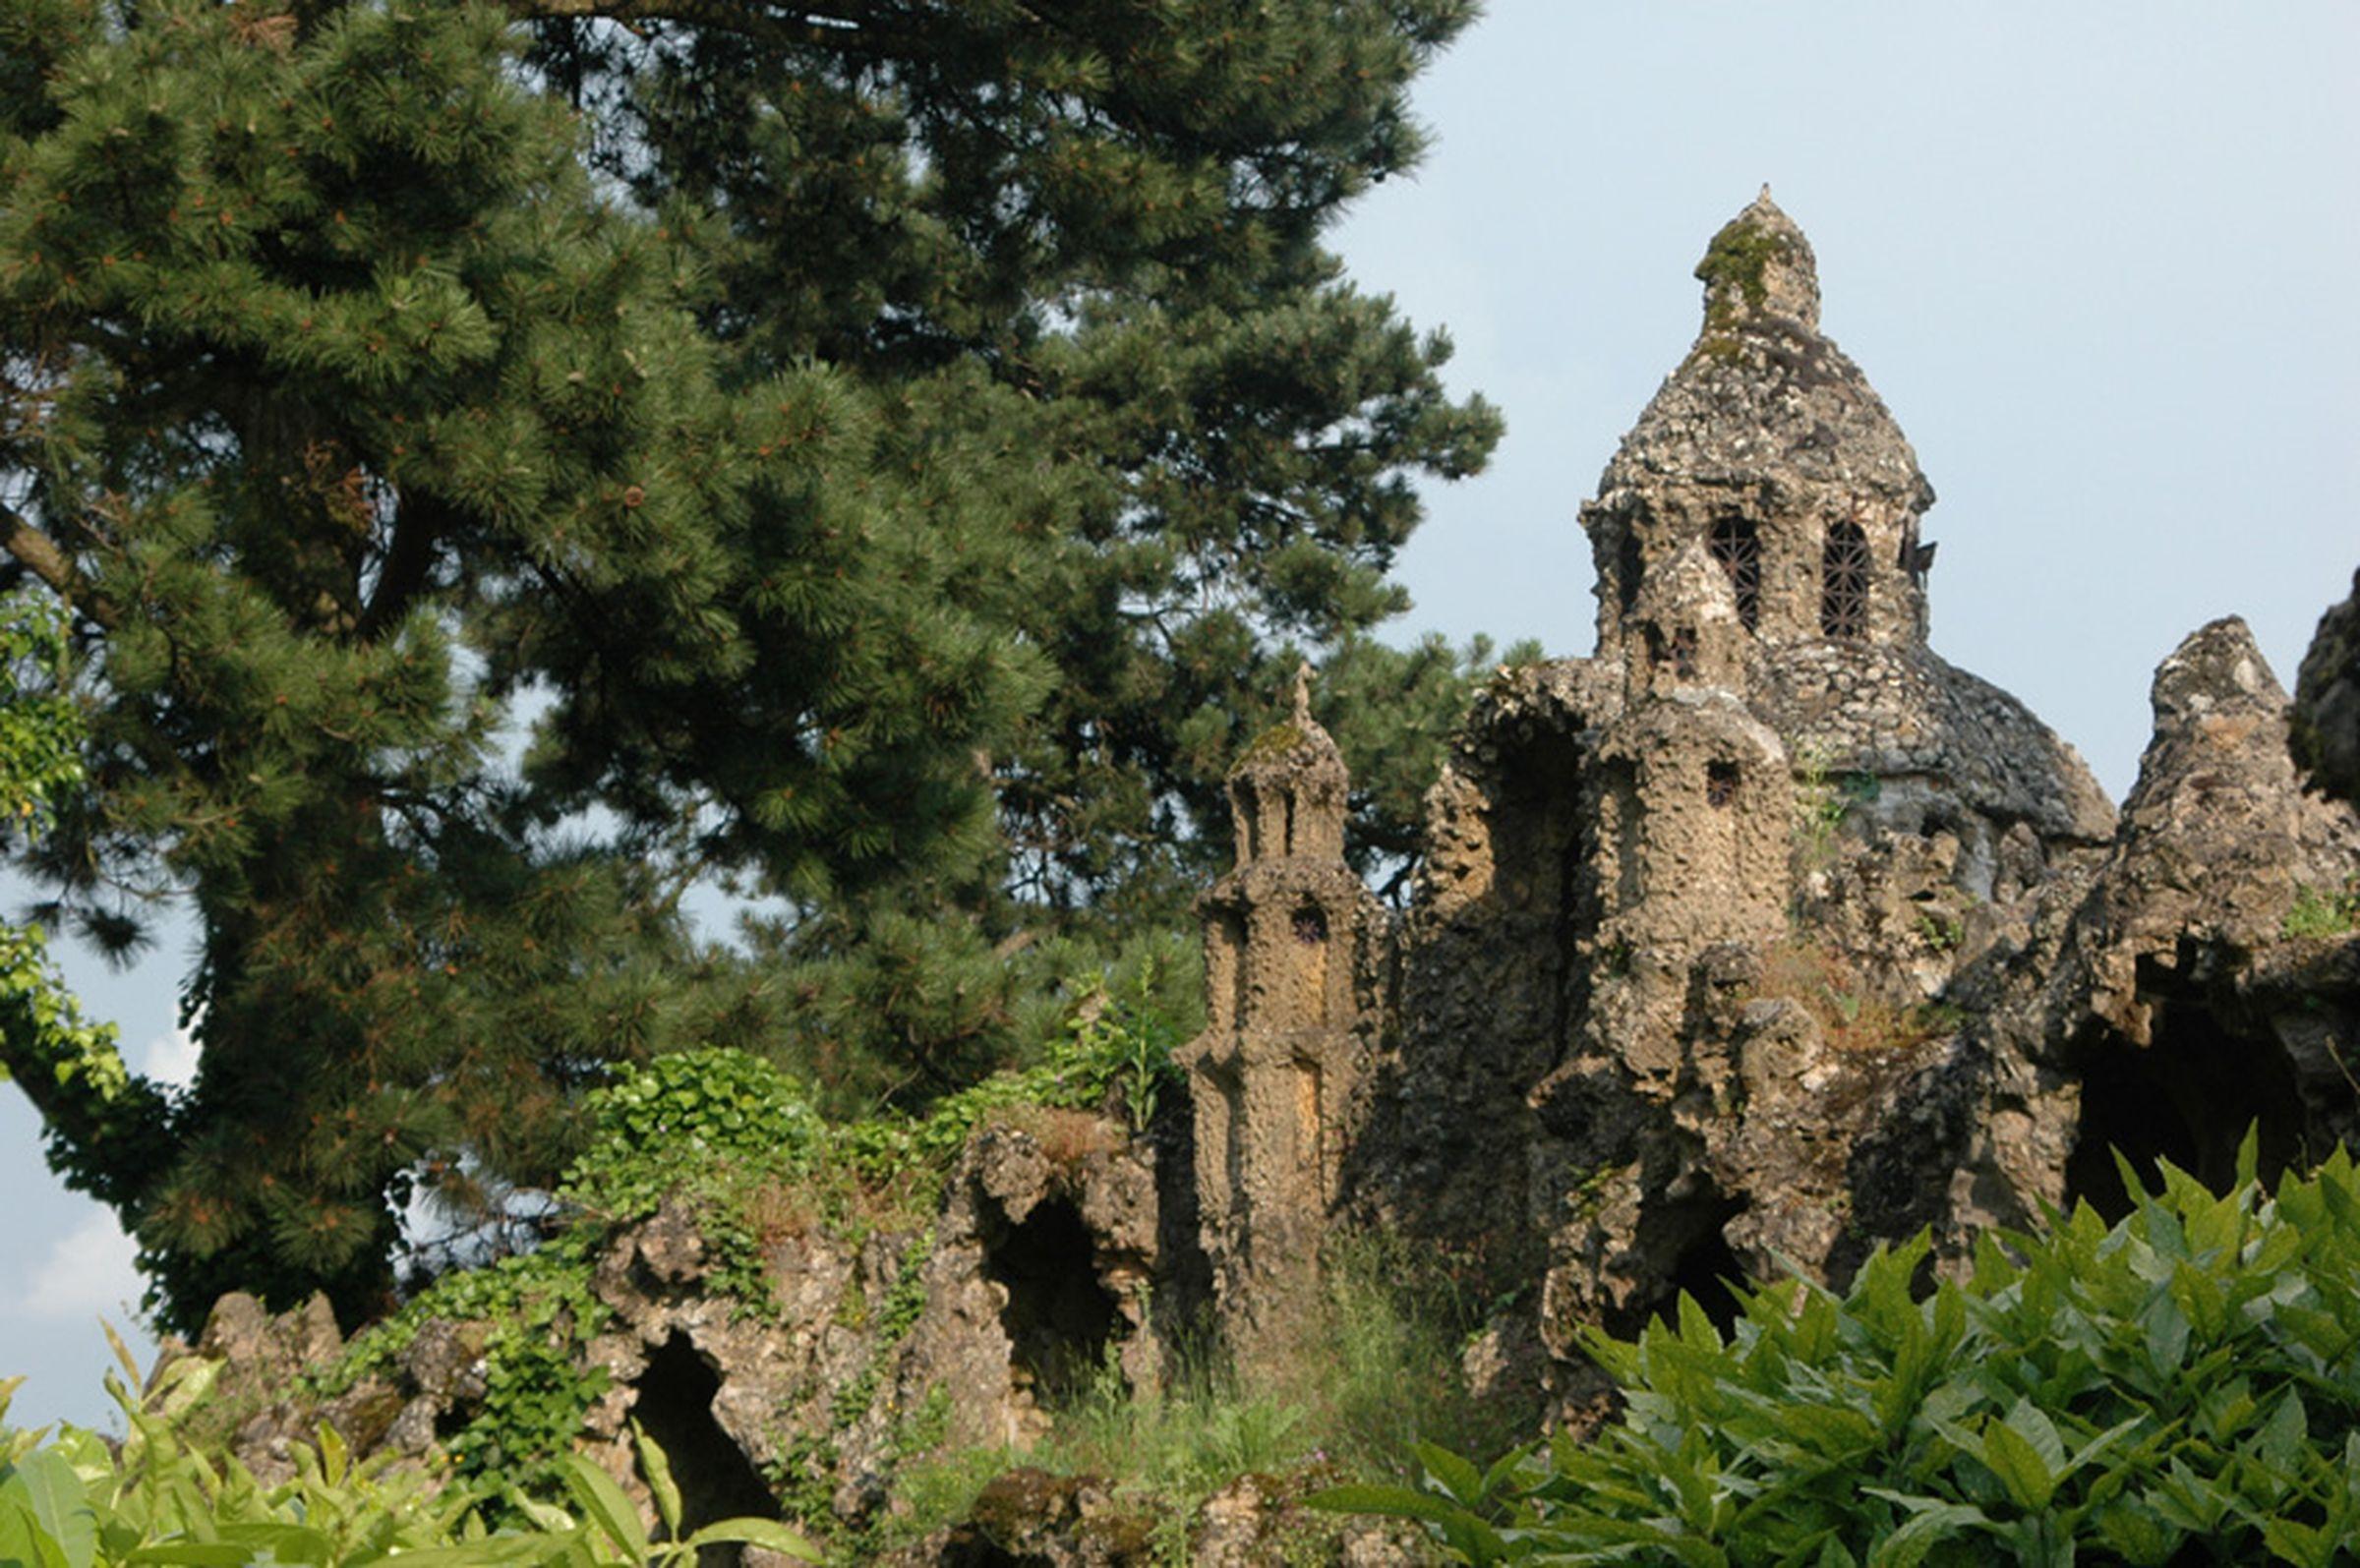 Les Jardins Des Monts D Or le jardin merveilleux de l'ermitage - st-cyr-mont-d'or